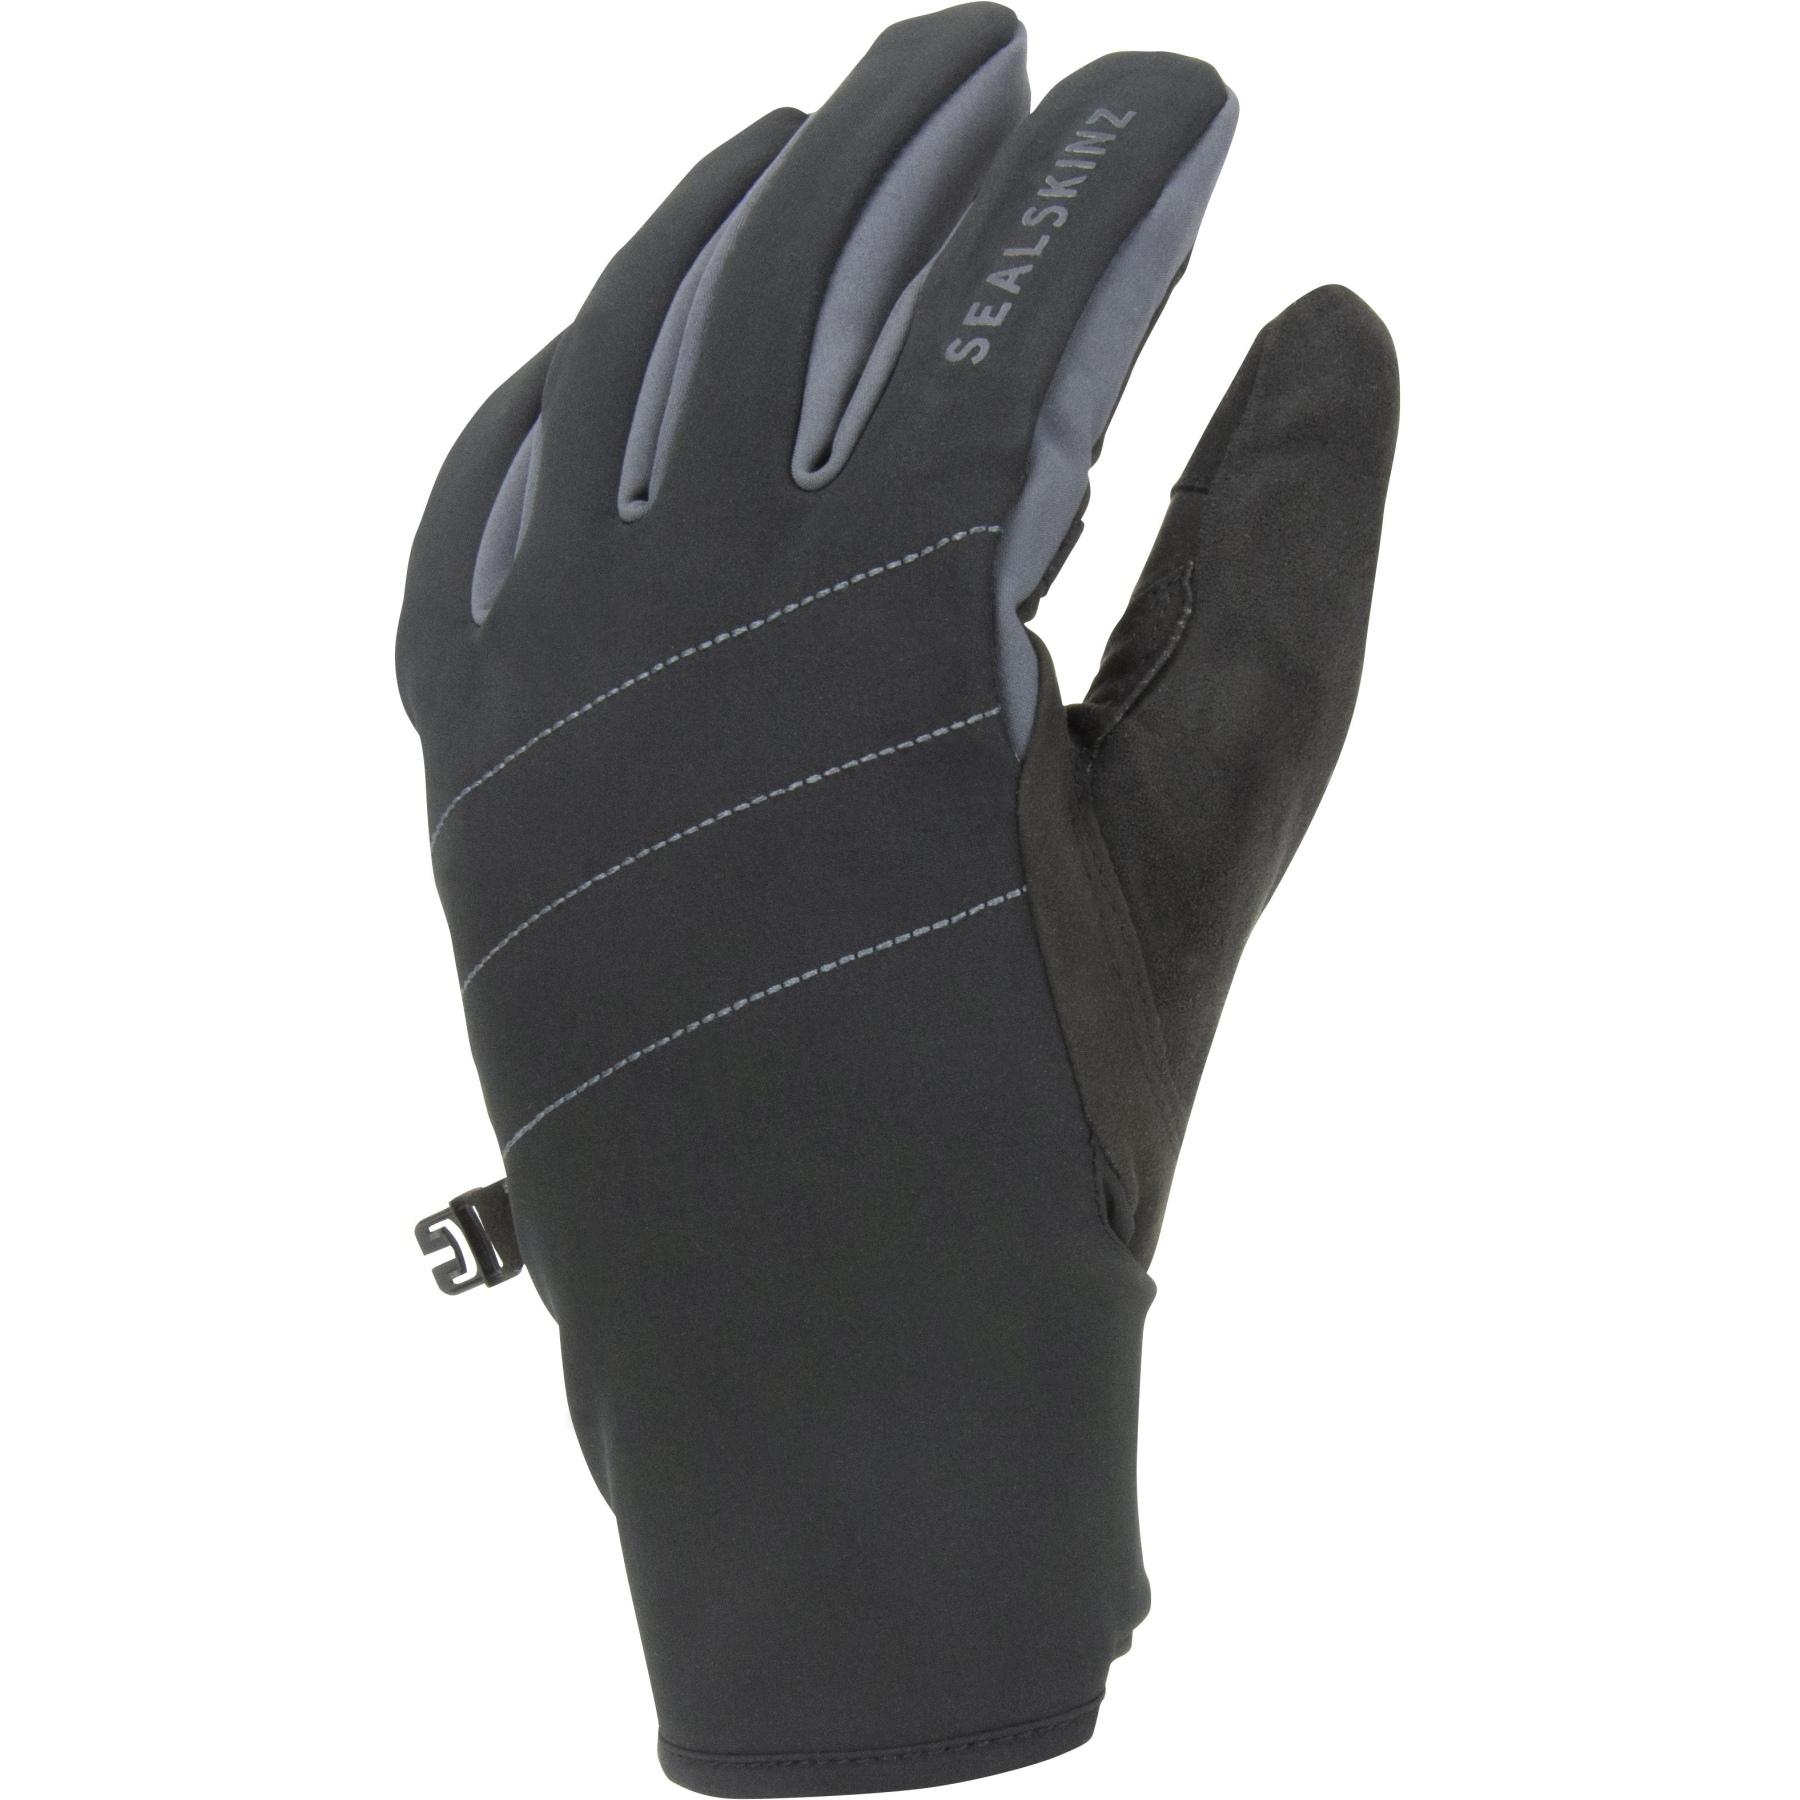 Foto de SealSkinz Waterproof All Weather Guantes con Fusion Control™ - Black/Grey